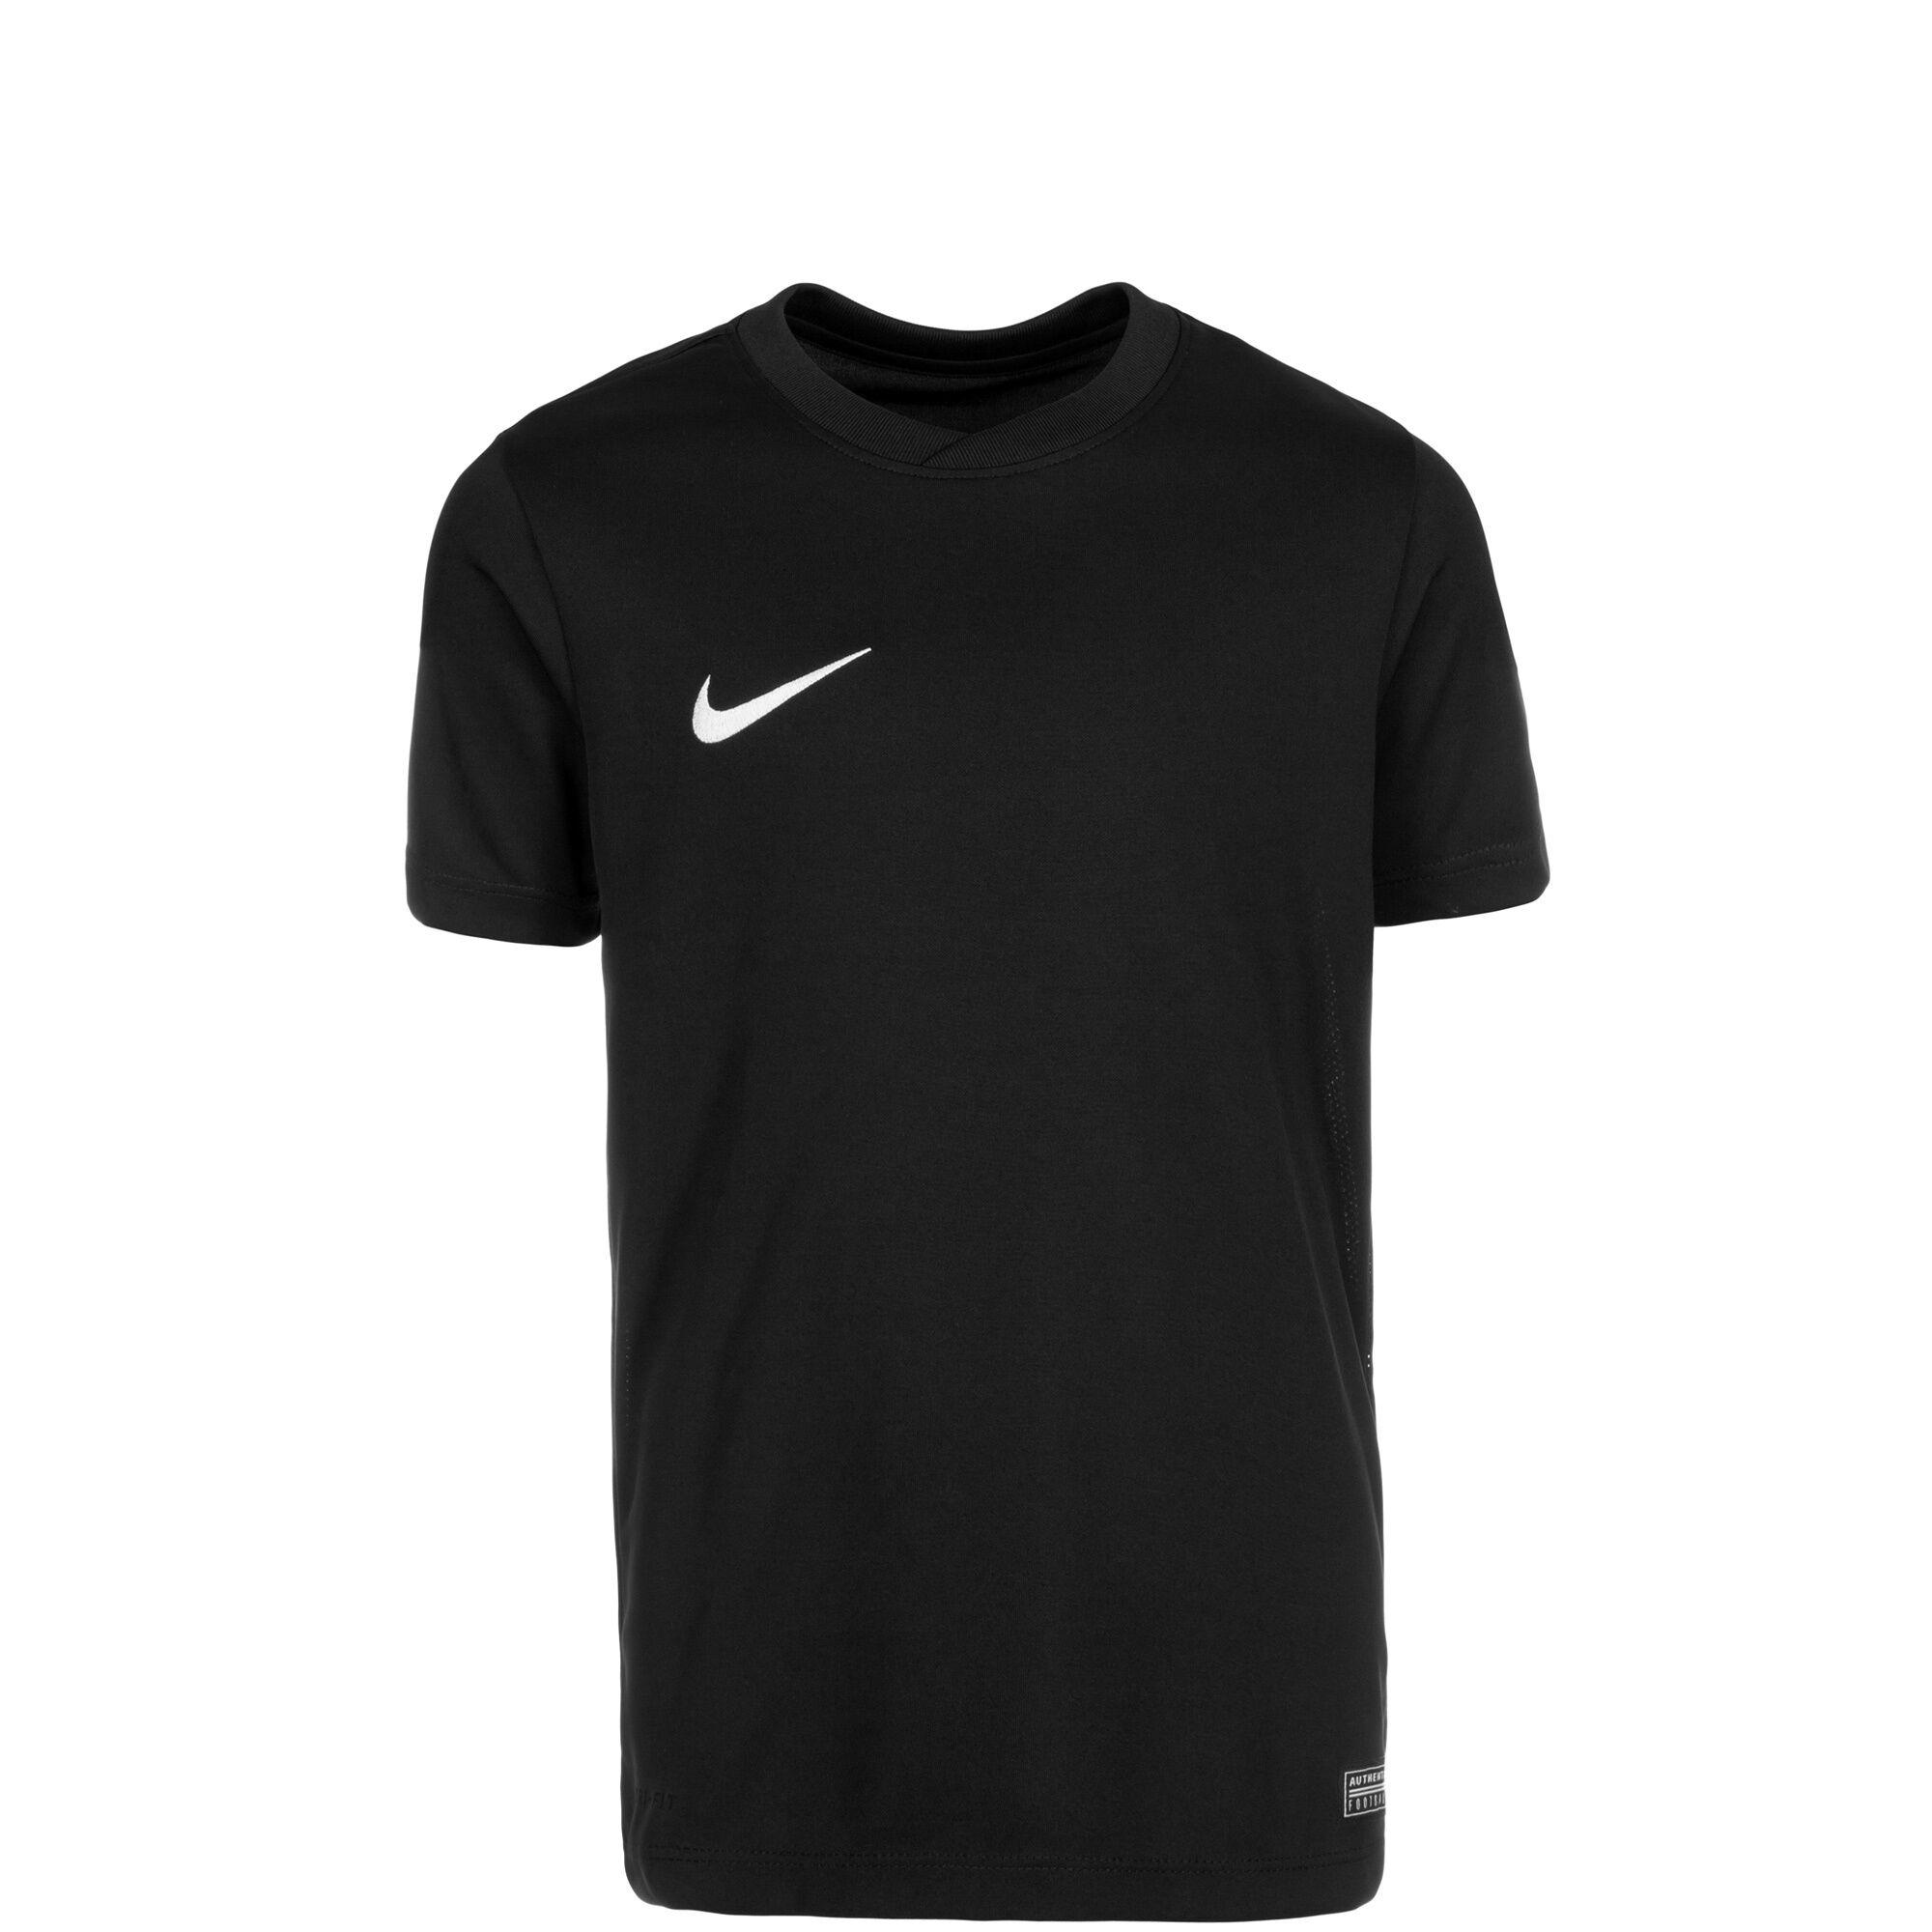 NIKE Park VI Fußballtrikot Herren   Produktkatalog   Nike